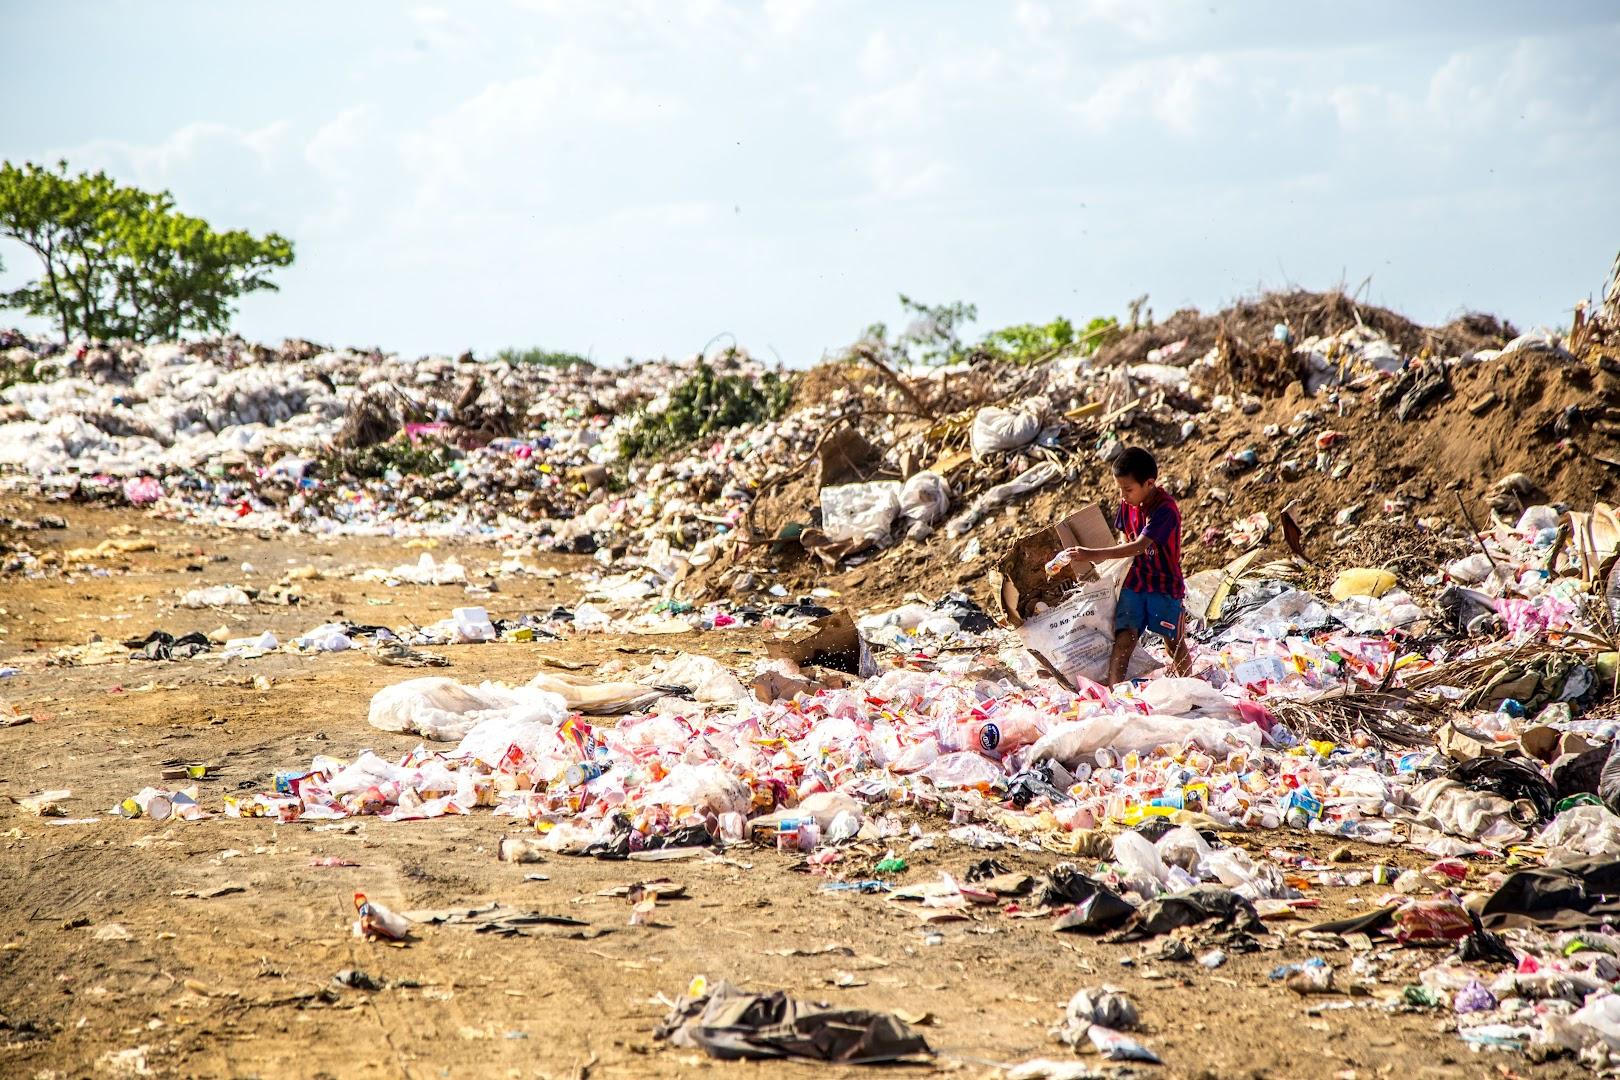 littered-plastic-bottles